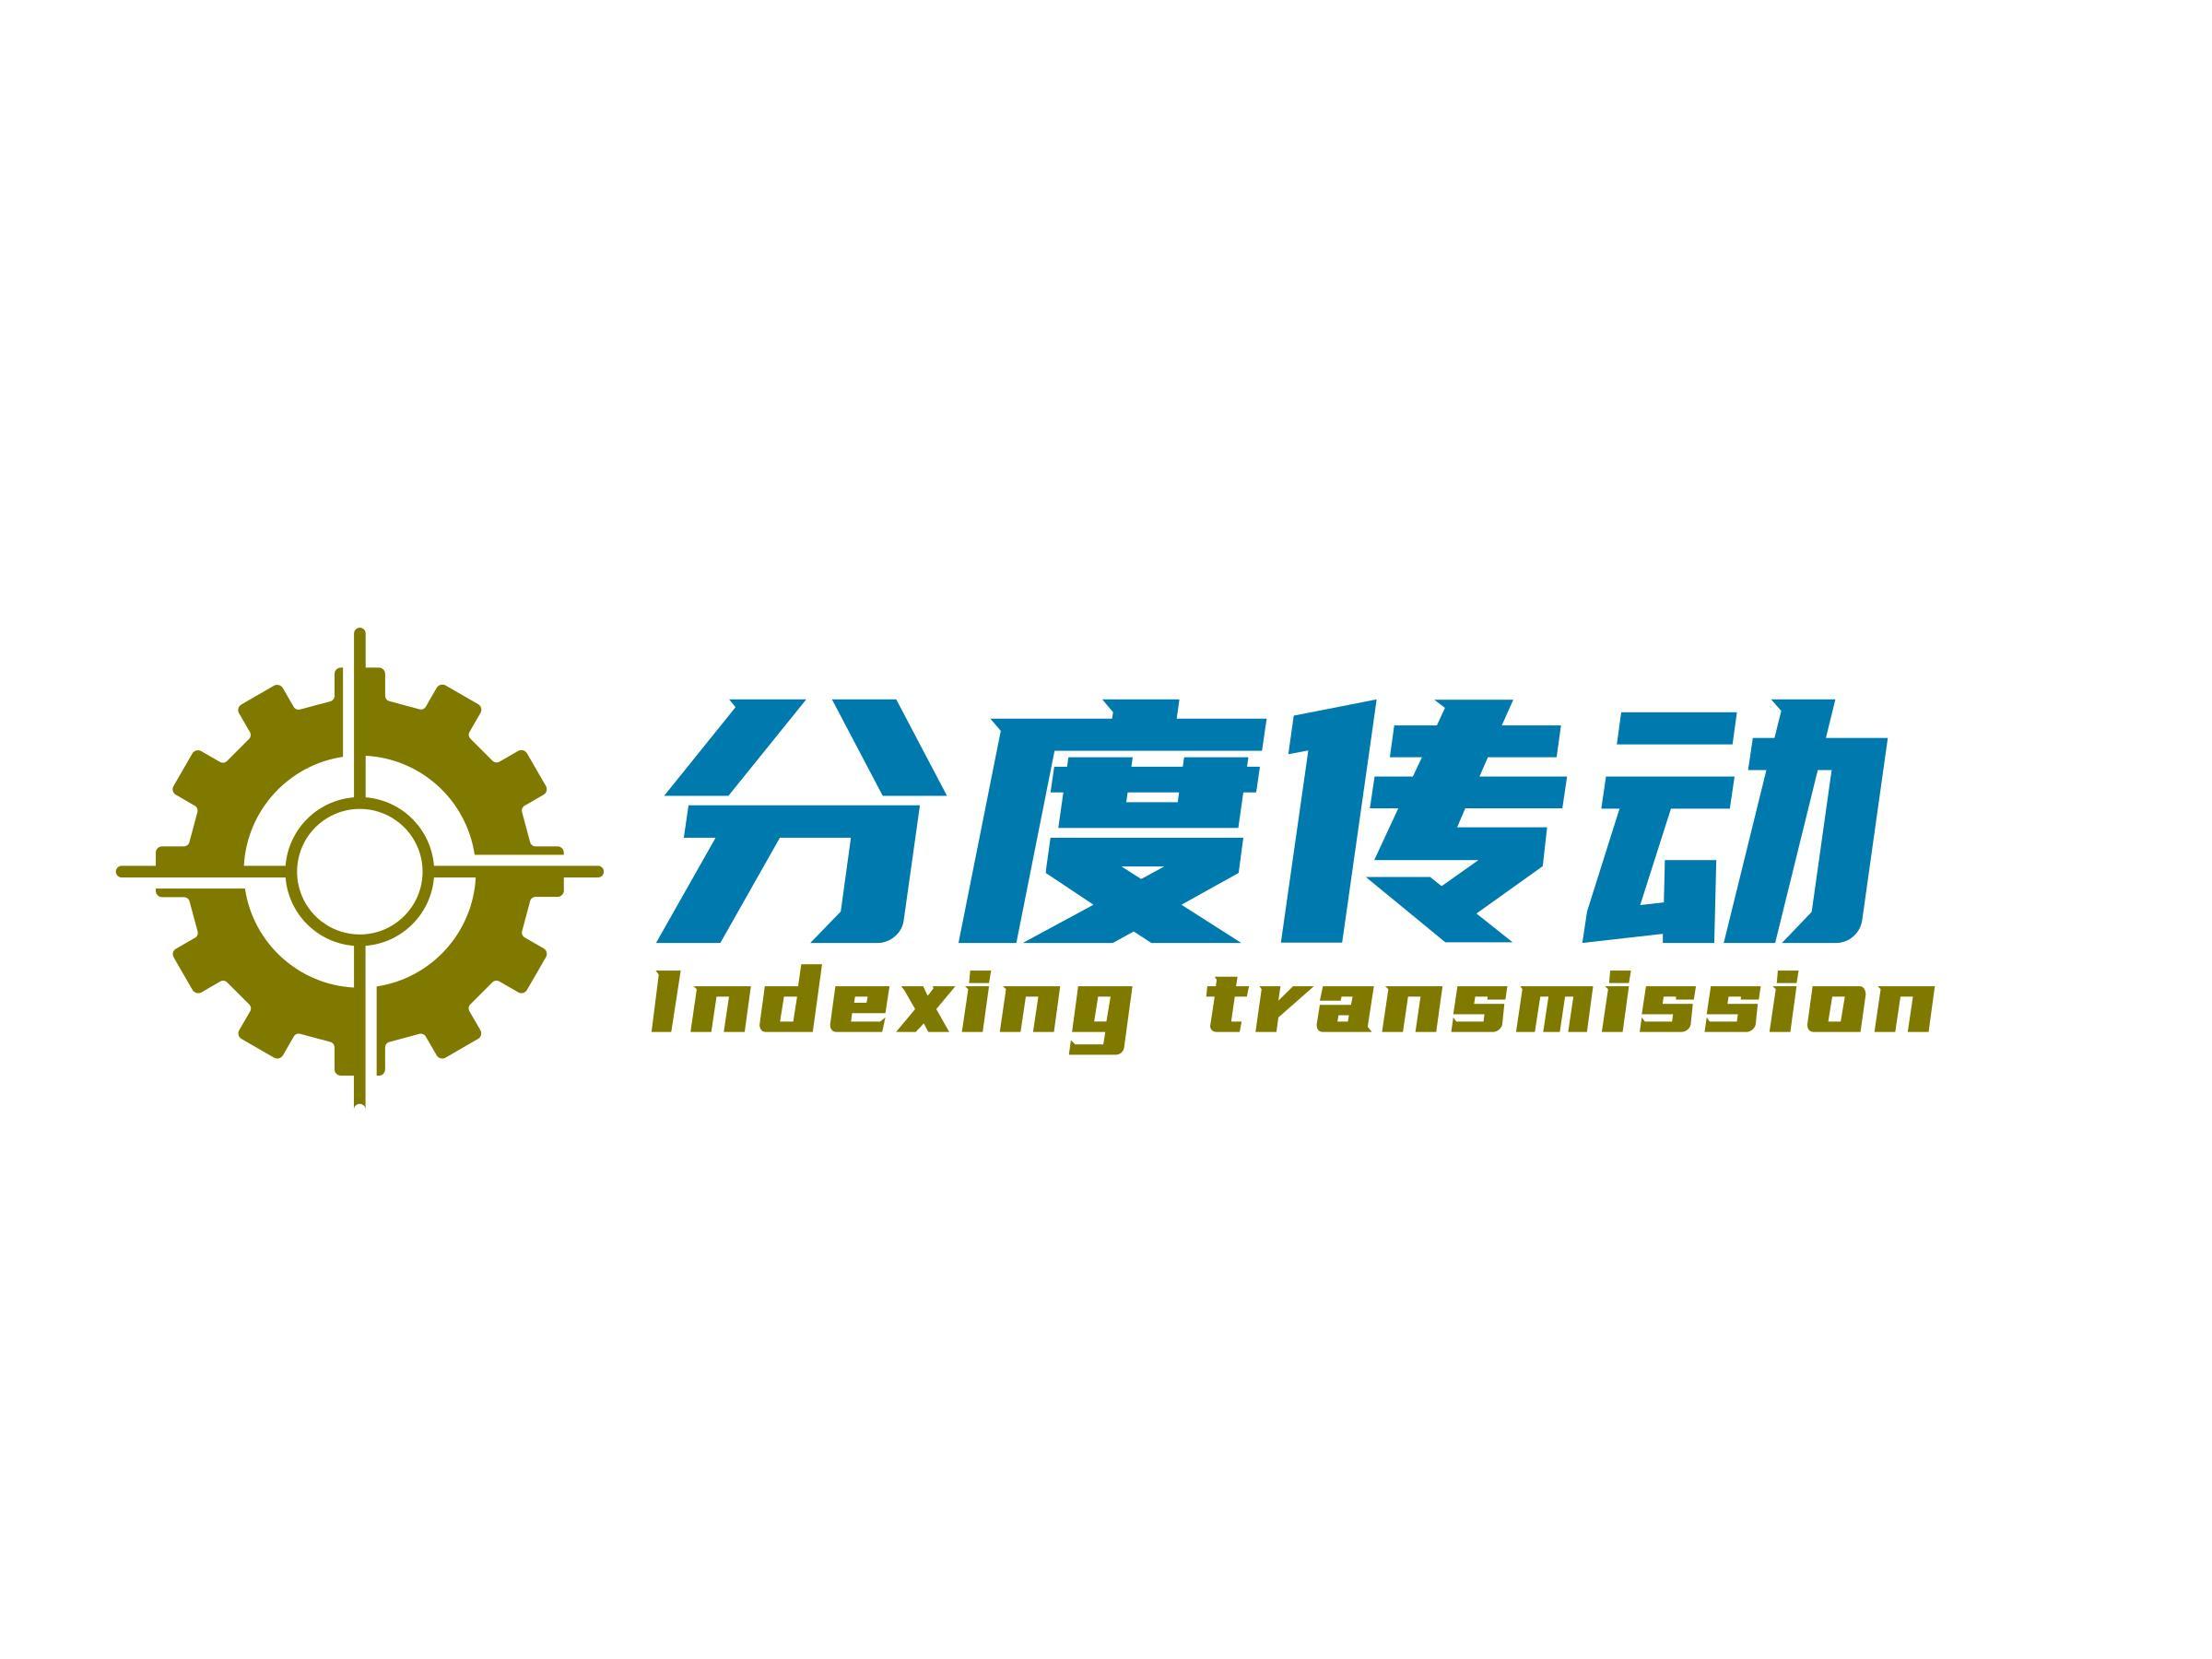 苏州分度传动科技有限公司